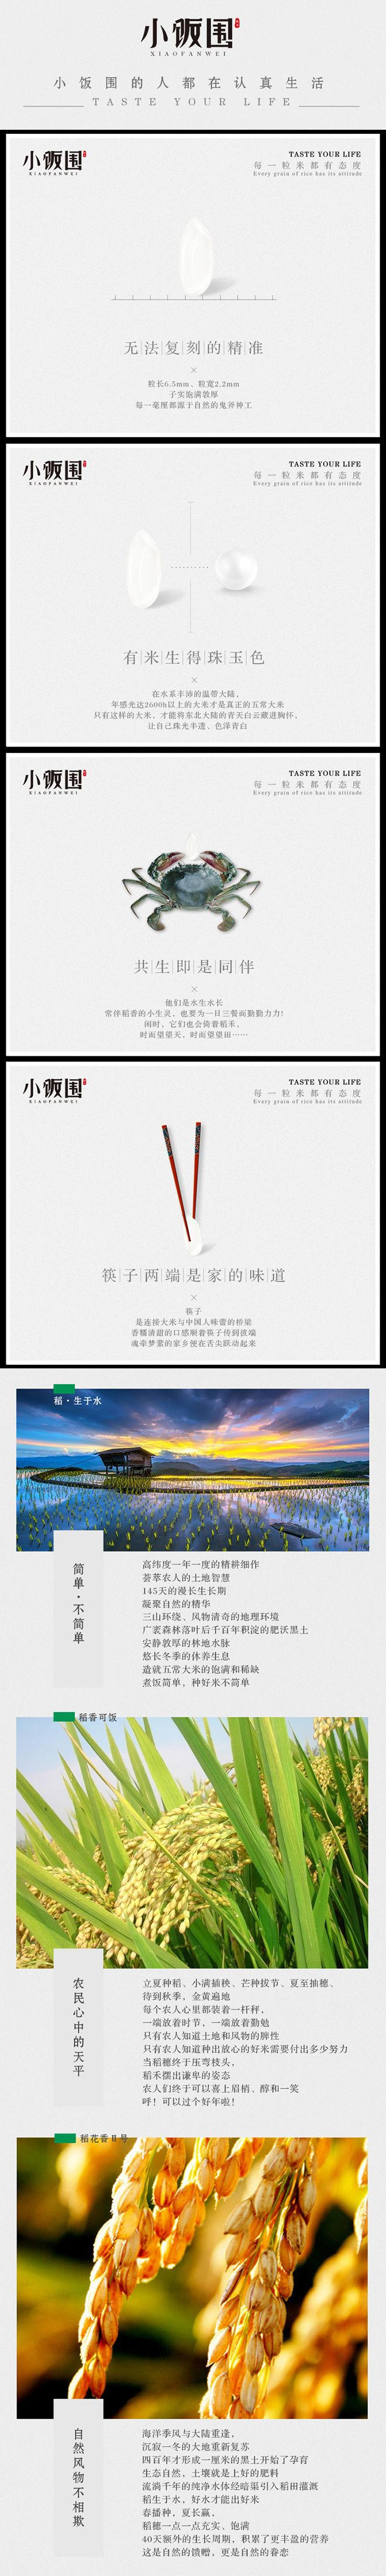 中國黑龍江省政府 #農業品牌《小飯糰》宣傳 #文案